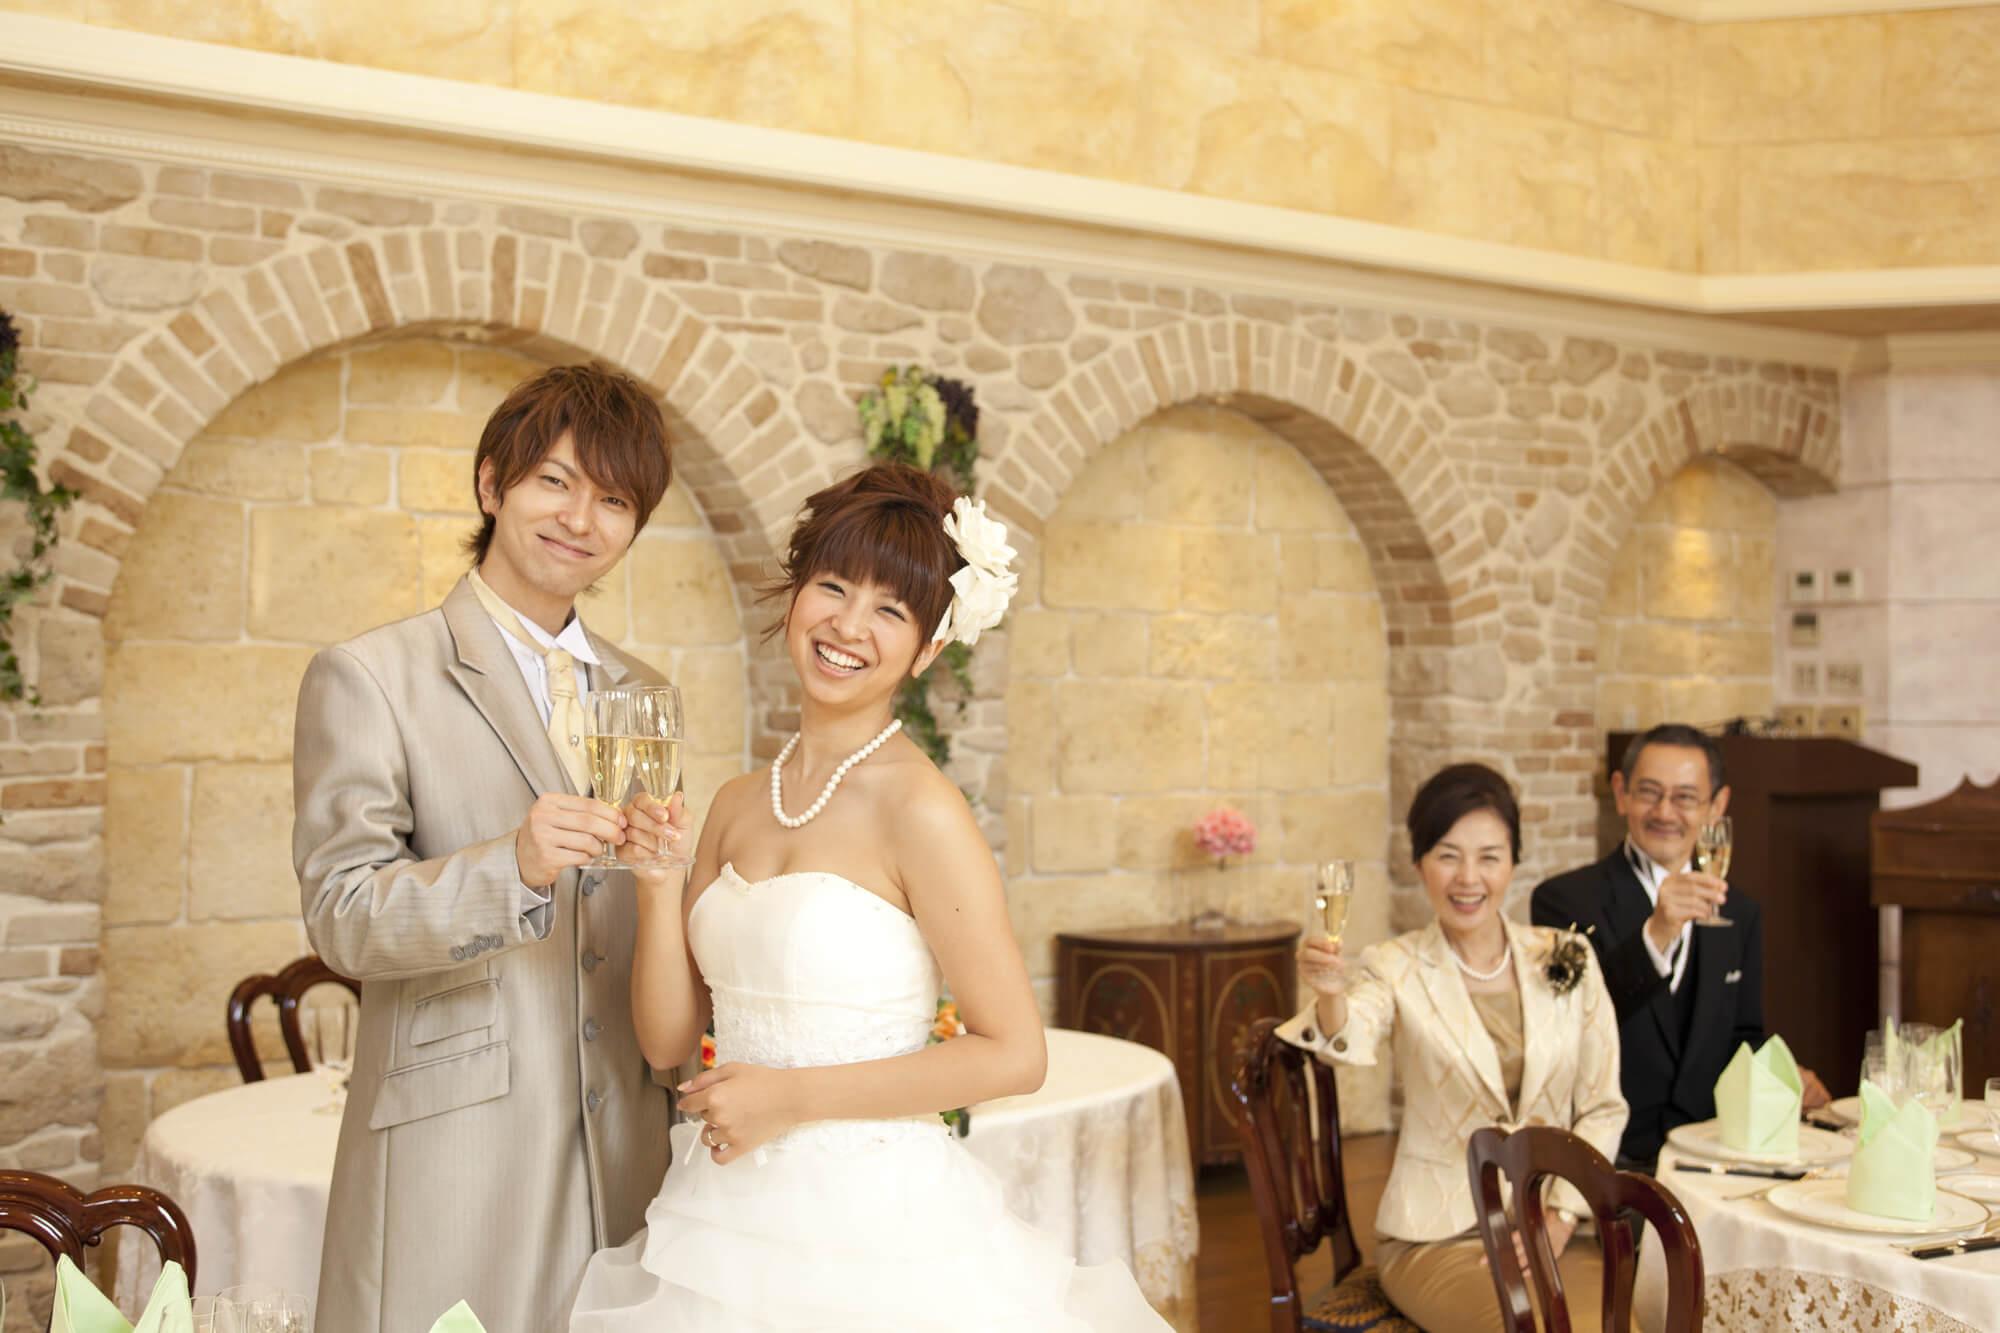 甥&姪の結婚式参列ならレンタルドレス